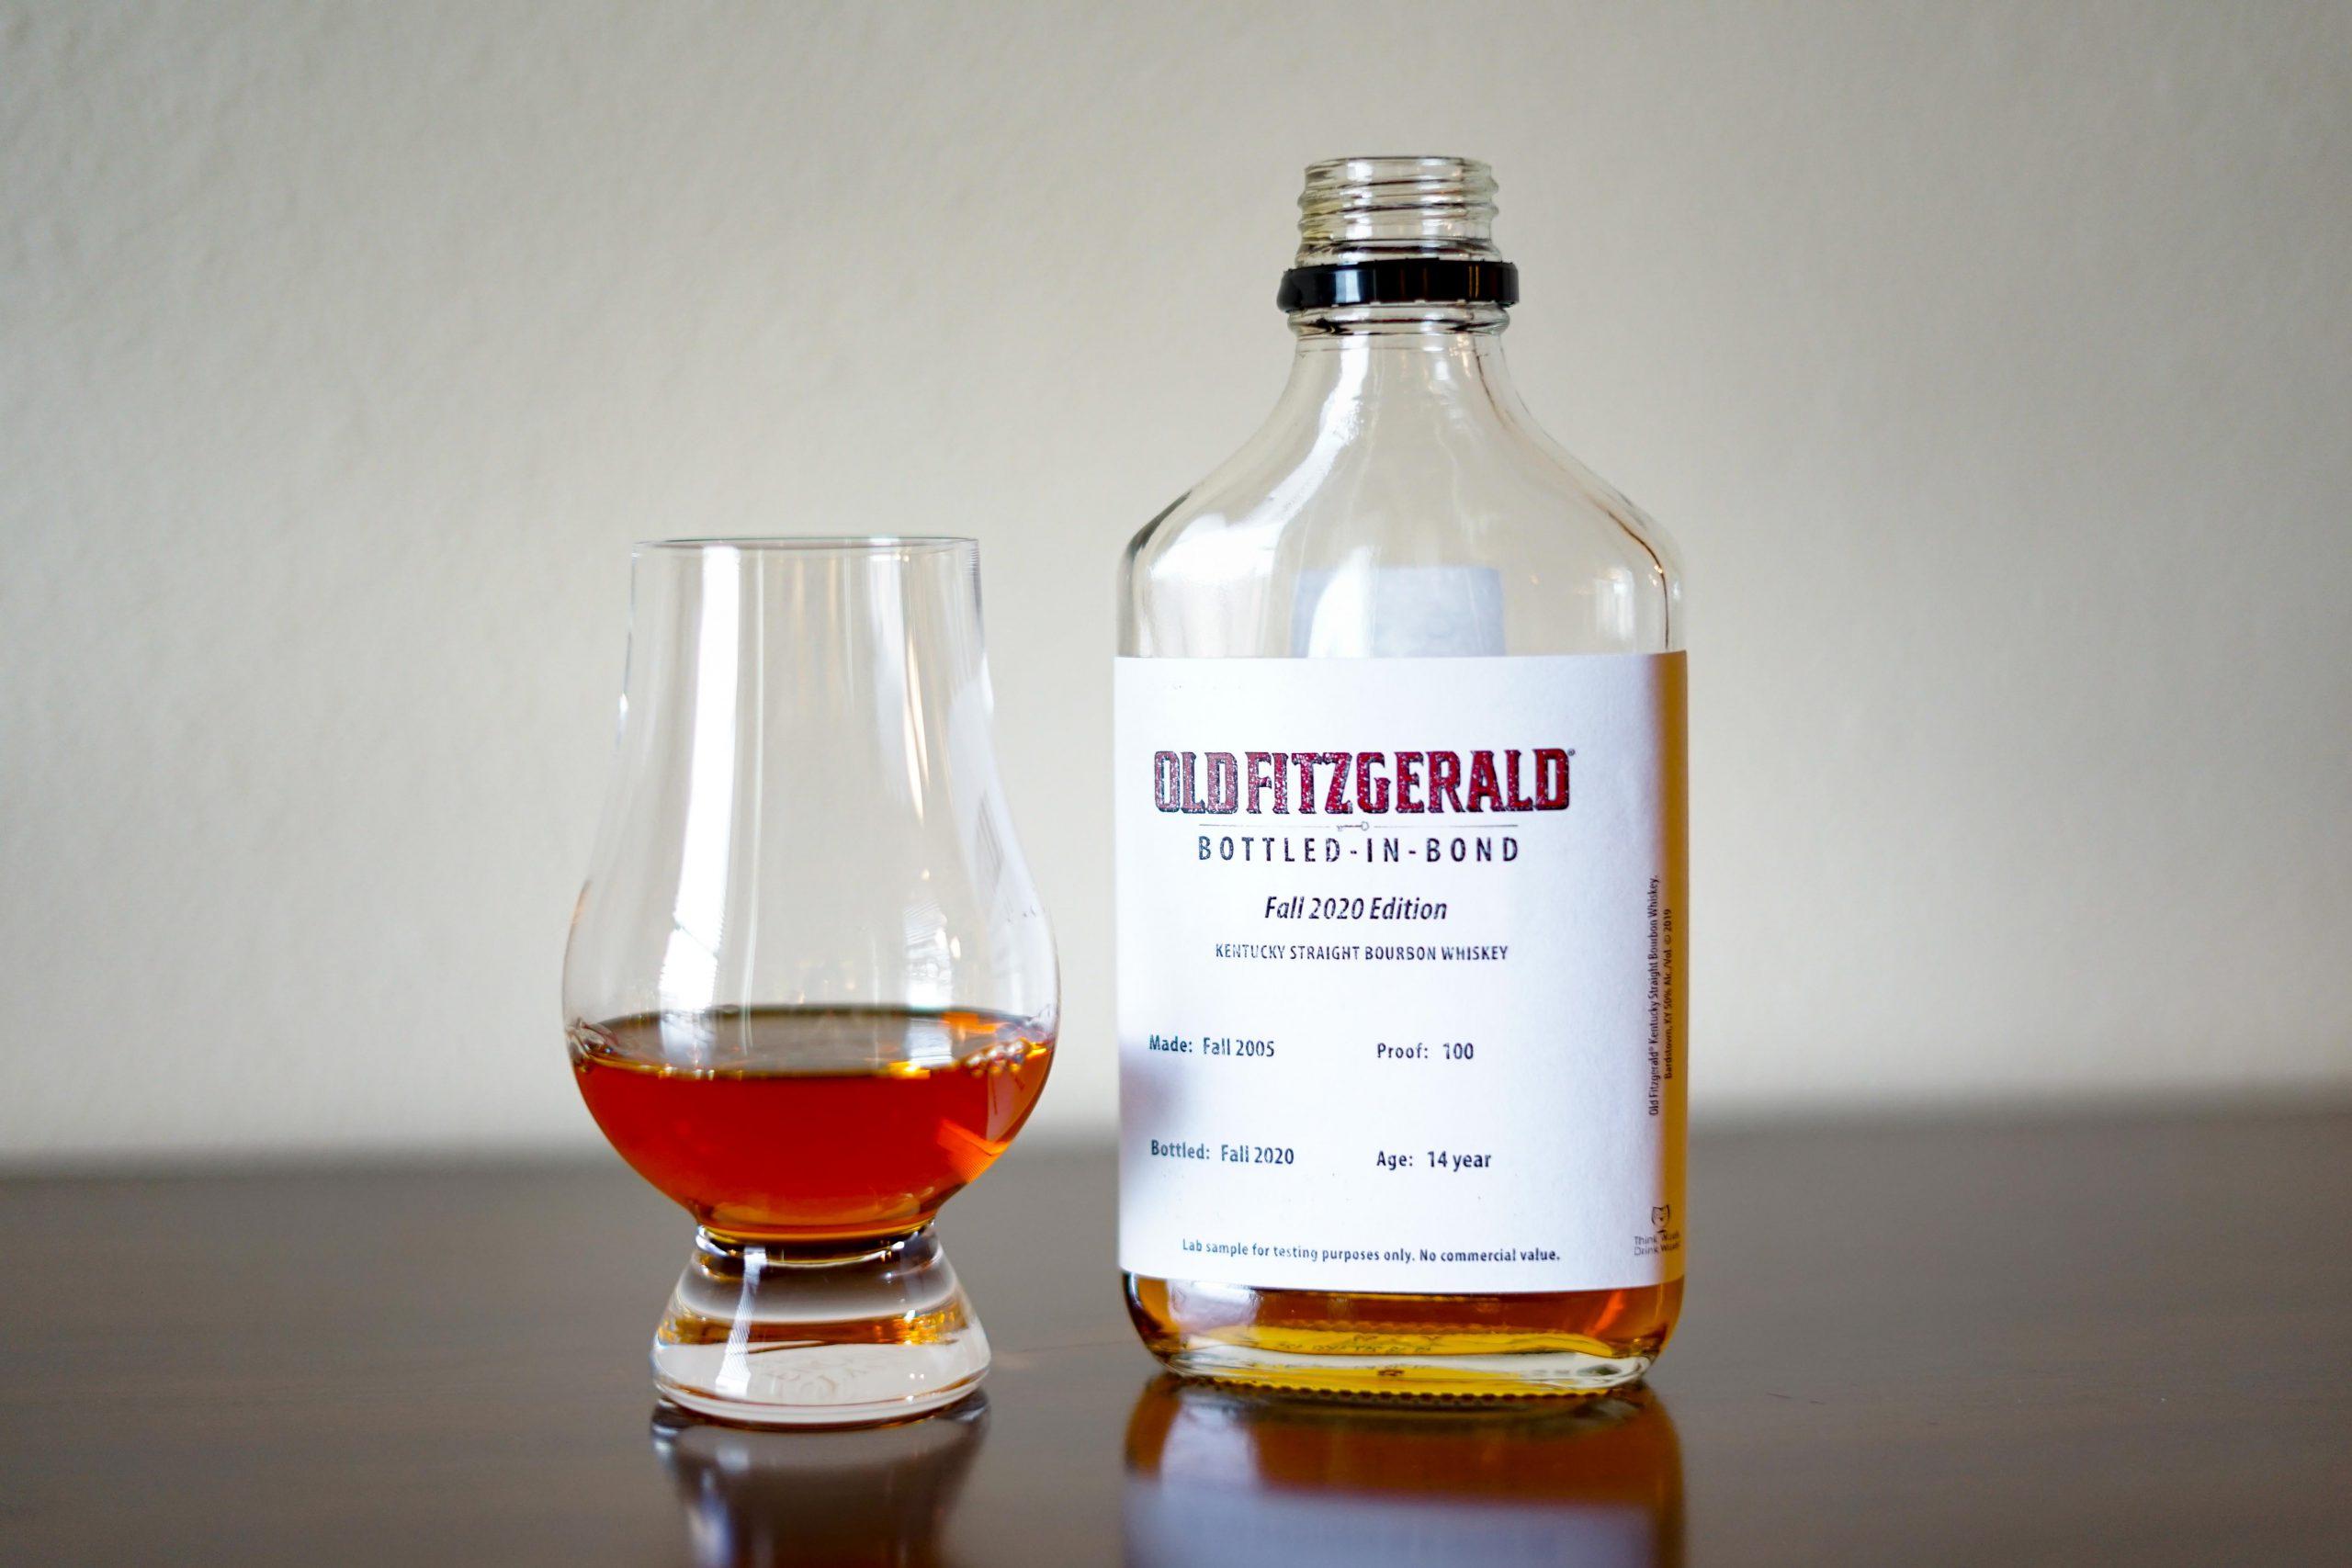 Old Fitzgerald 14yr Bottled in Bond 2005